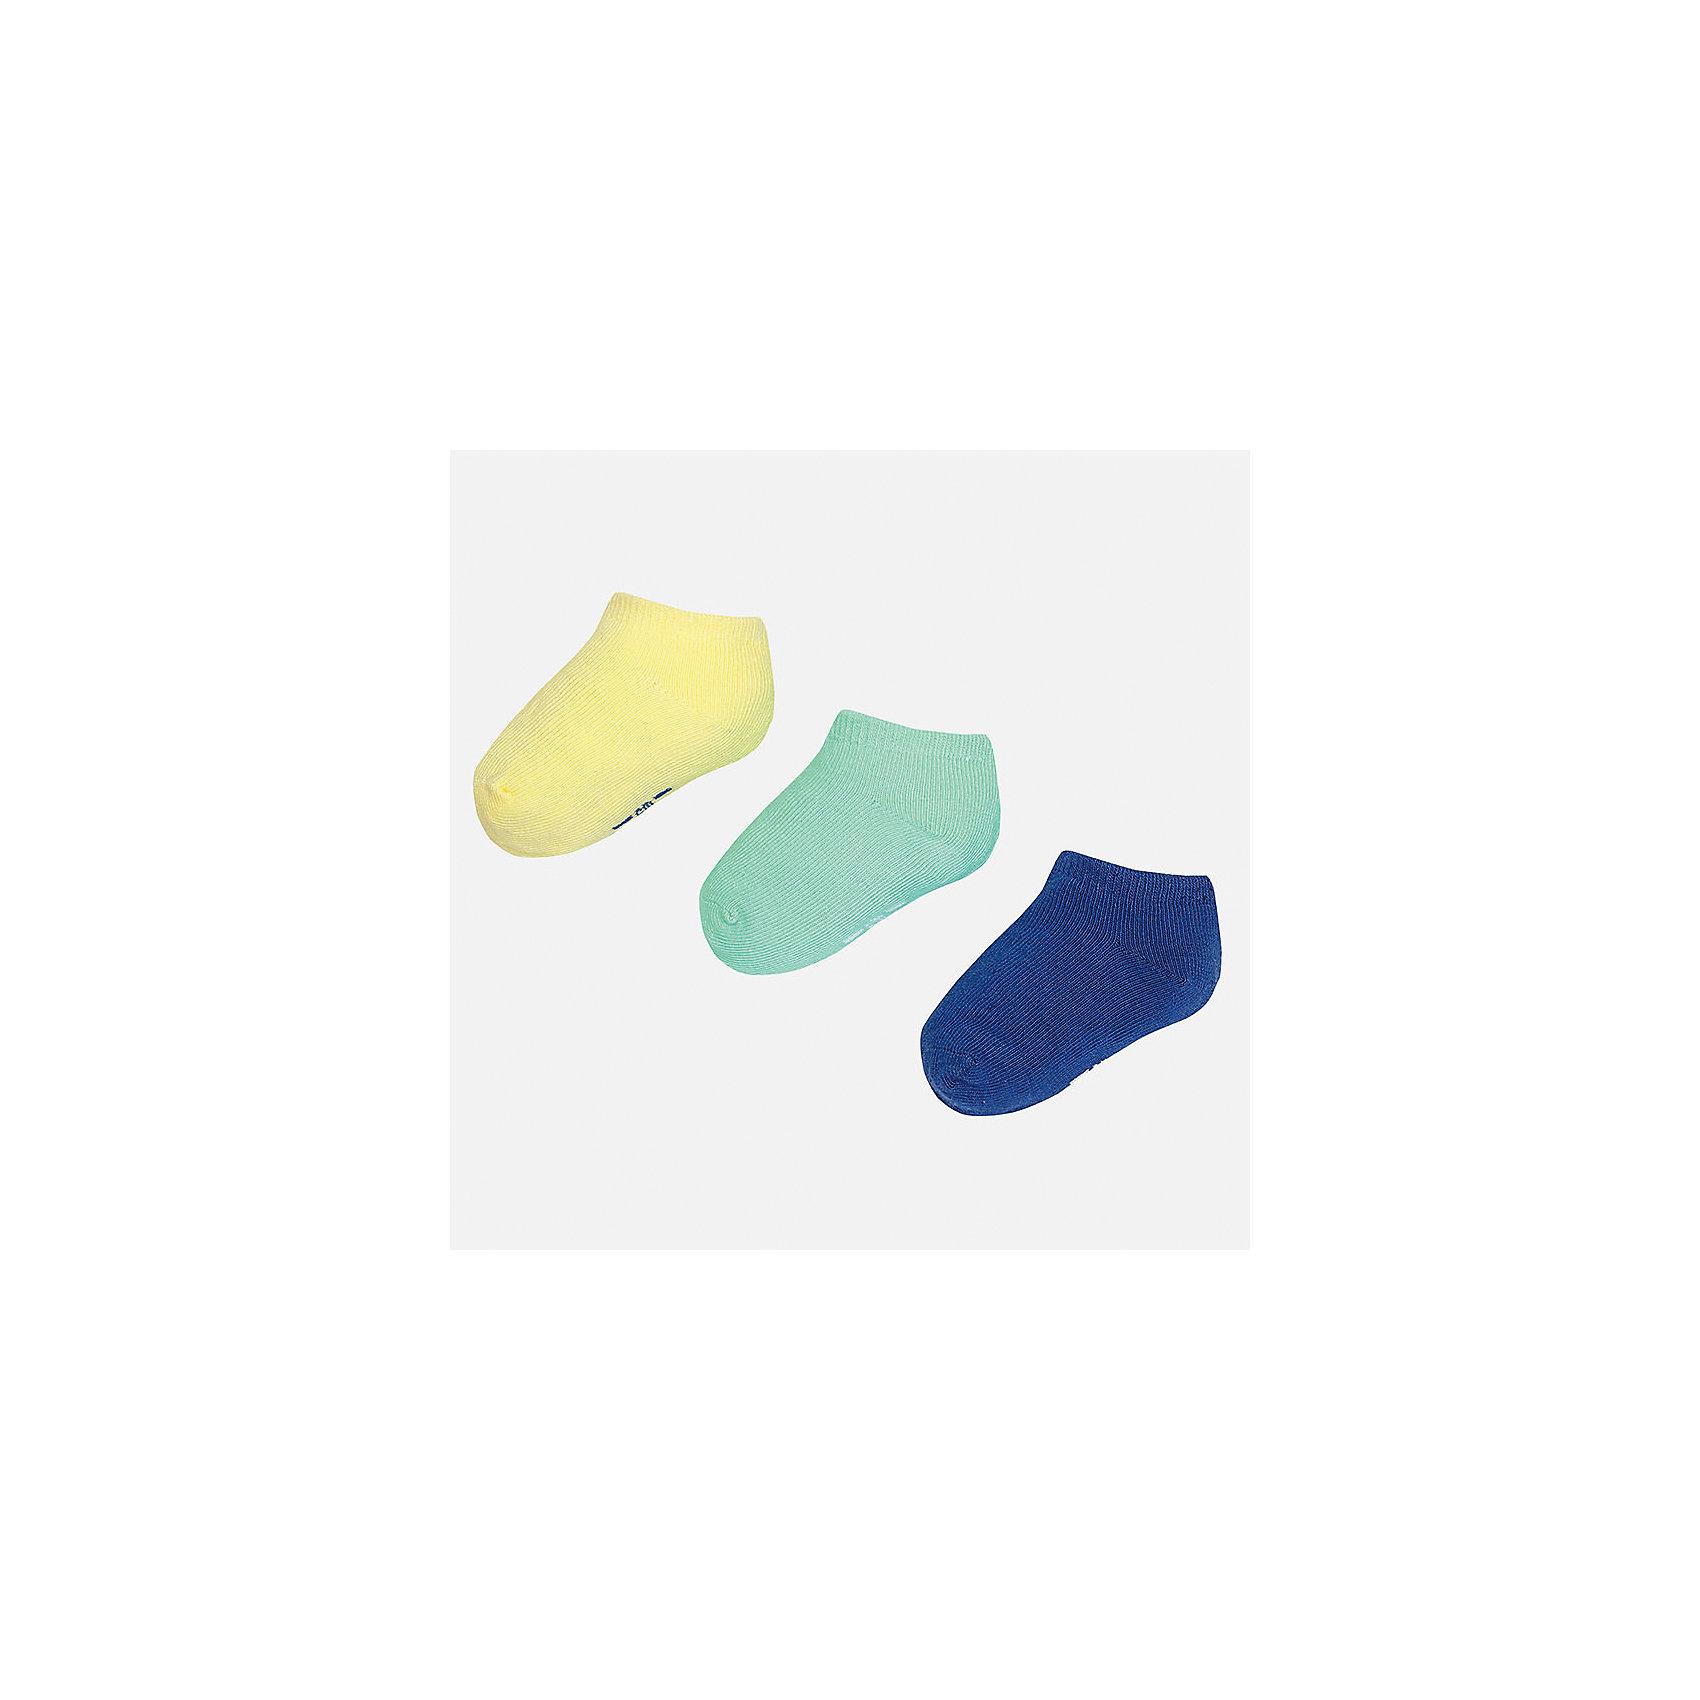 Носки для мальчика MayoralНоски<br>Характеристики товара:<br><br>• цвет: жёлтый/зелёный/синий<br>• состав: 72% хлопок, 25% полиамид, 3% эластан<br>• комплектация: три пары<br>• мягкая резинка<br>• эластичный материал<br>• однотонные<br>• страна бренда: Испания<br><br>Удобные симпатичные носки для мальчика помогут обеспечить ребенку комфорт и дополнить наряд. Универсальный цвет позволяет надевать их под обувь разных расцветок. Носки удобно сидят на ноге и аккуратно смотрятся. Этот комплект - практичный и красивый! В составе материала - натуральный хлопок, гипоаллергенный, приятный на ощупь, дышащий. <br><br>Одежда, обувь и аксессуары от испанского бренда Mayoral полюбились детям и взрослым по всему миру. Модели этой марки - стильные и удобные. Для их производства используются только безопасные, качественные материалы и фурнитура. Порадуйте ребенка модными и красивыми вещами от Mayoral! <br><br>Носки (3 пары) для мальчика от испанского бренда Mayoral (Майорал) можно купить в нашем интернет-магазине.<br><br>Ширина мм: 87<br>Глубина мм: 10<br>Высота мм: 105<br>Вес г: 115<br>Цвет: зеленый<br>Возраст от месяцев: 12<br>Возраст до месяцев: 24<br>Пол: Мужской<br>Возраст: Детский<br>Размер: 2,1<br>SKU: 5294244